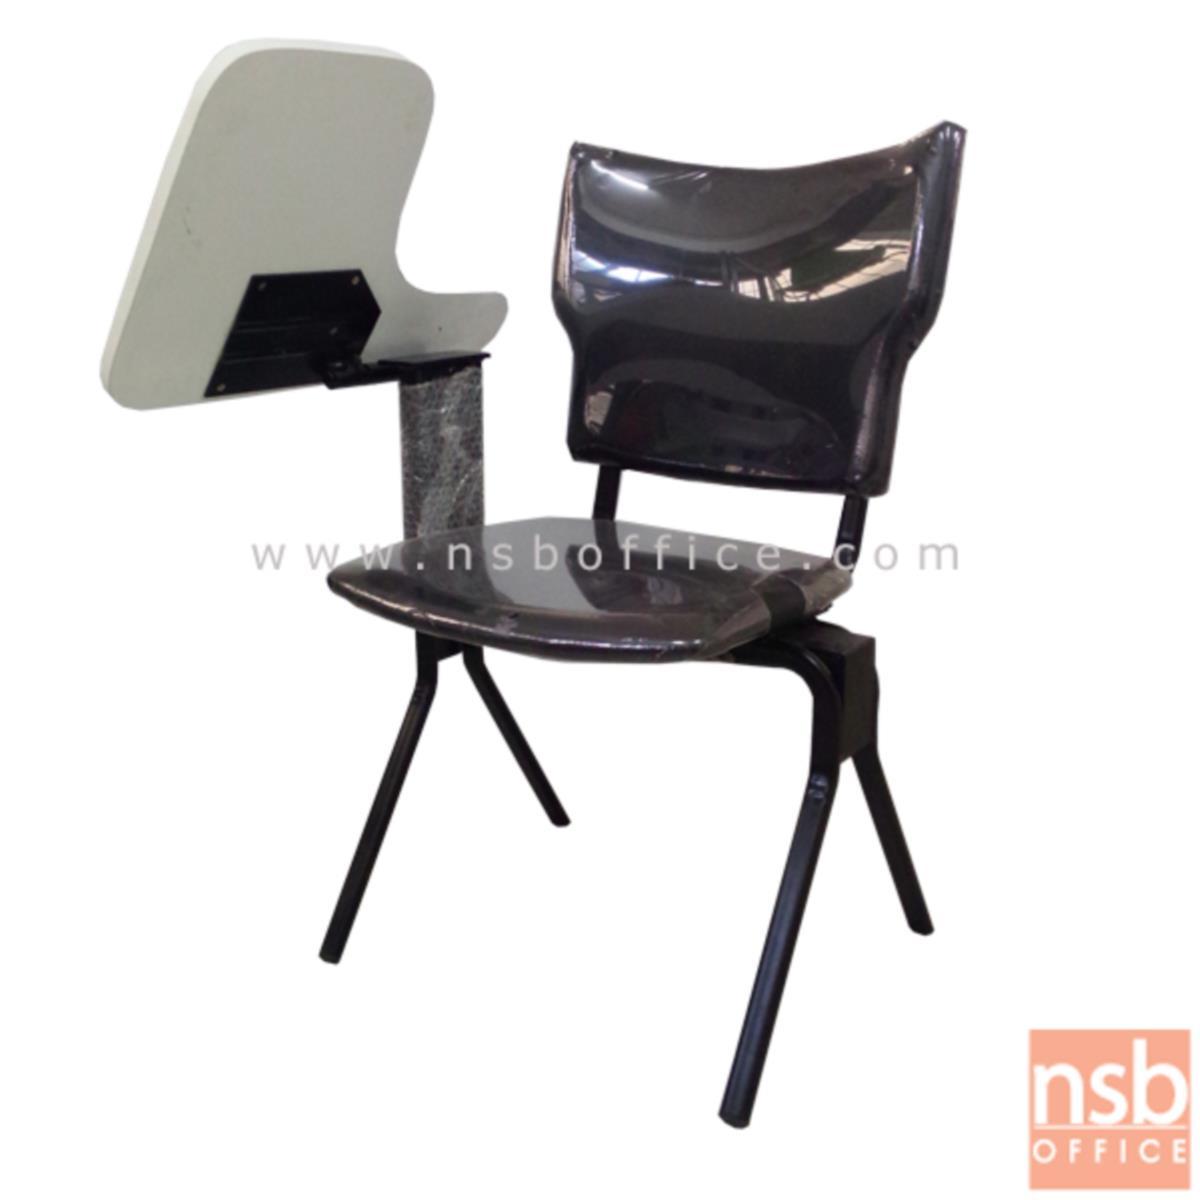 B07A069:เก้าอี้เลคเชอร์ รุ่น shallot (ชอลลอต) ขาวีคว่ำเหล็กพ่นดำ